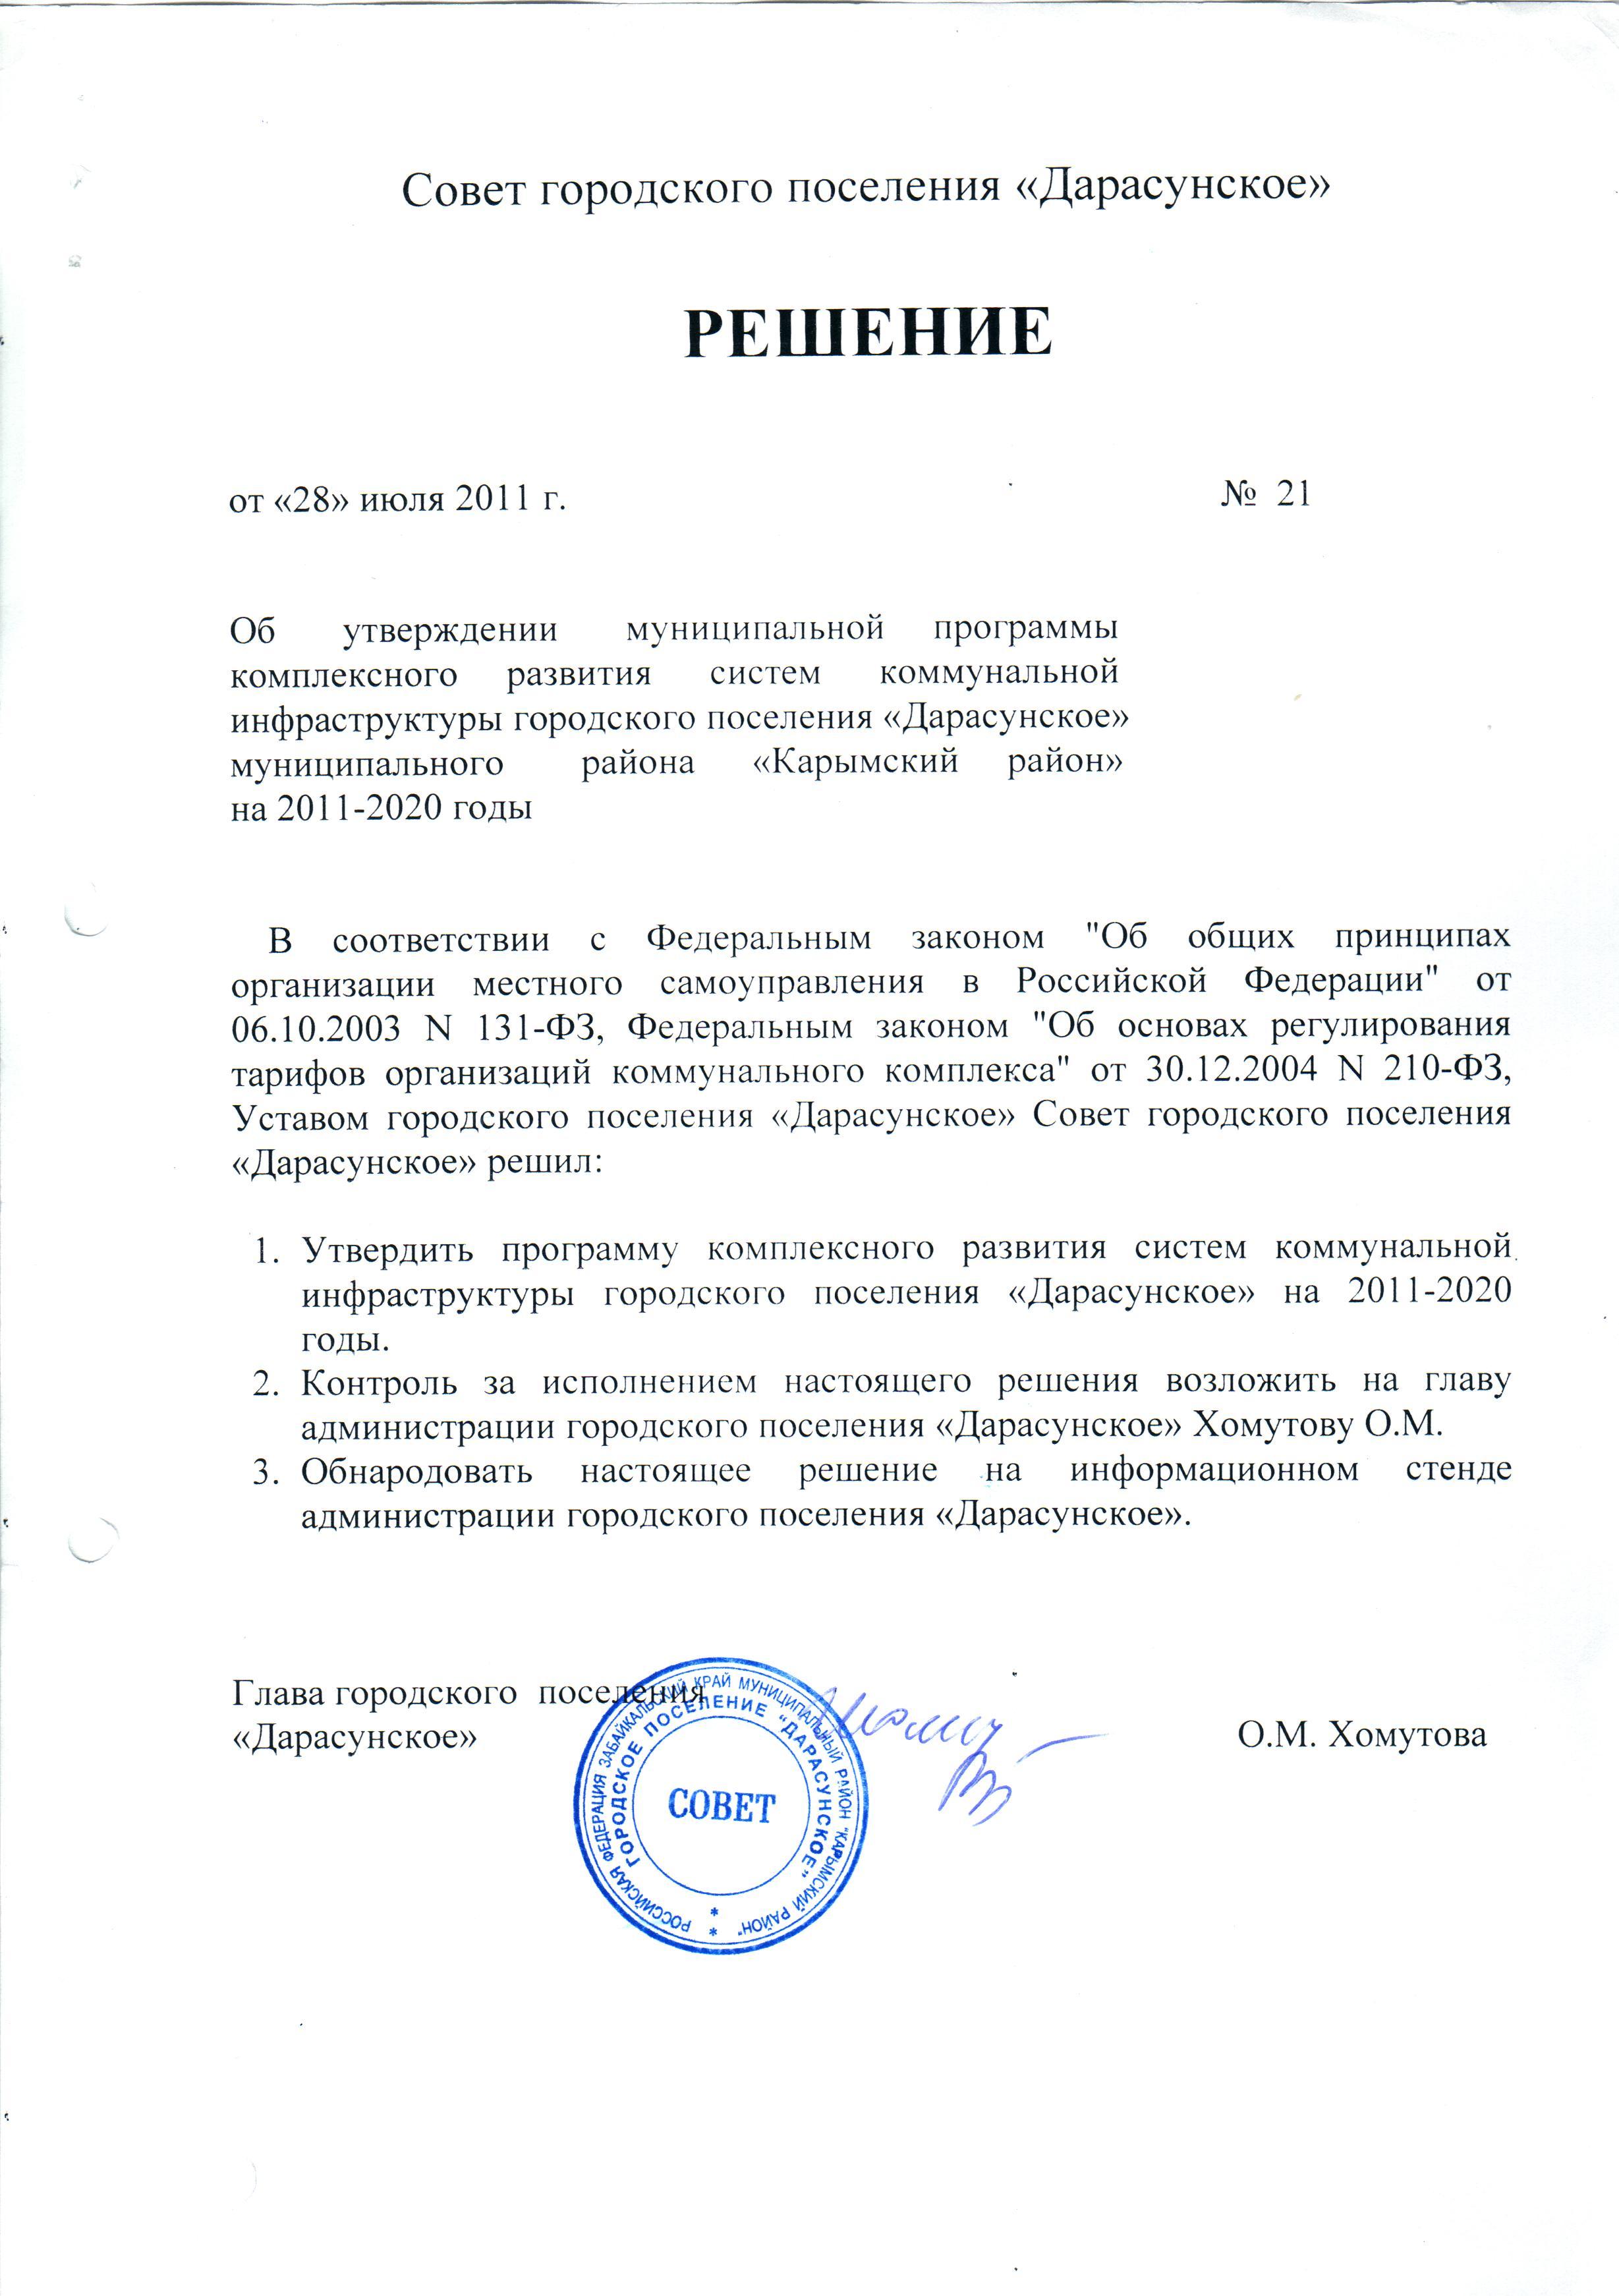 решение №21 от 28.11.2011г.